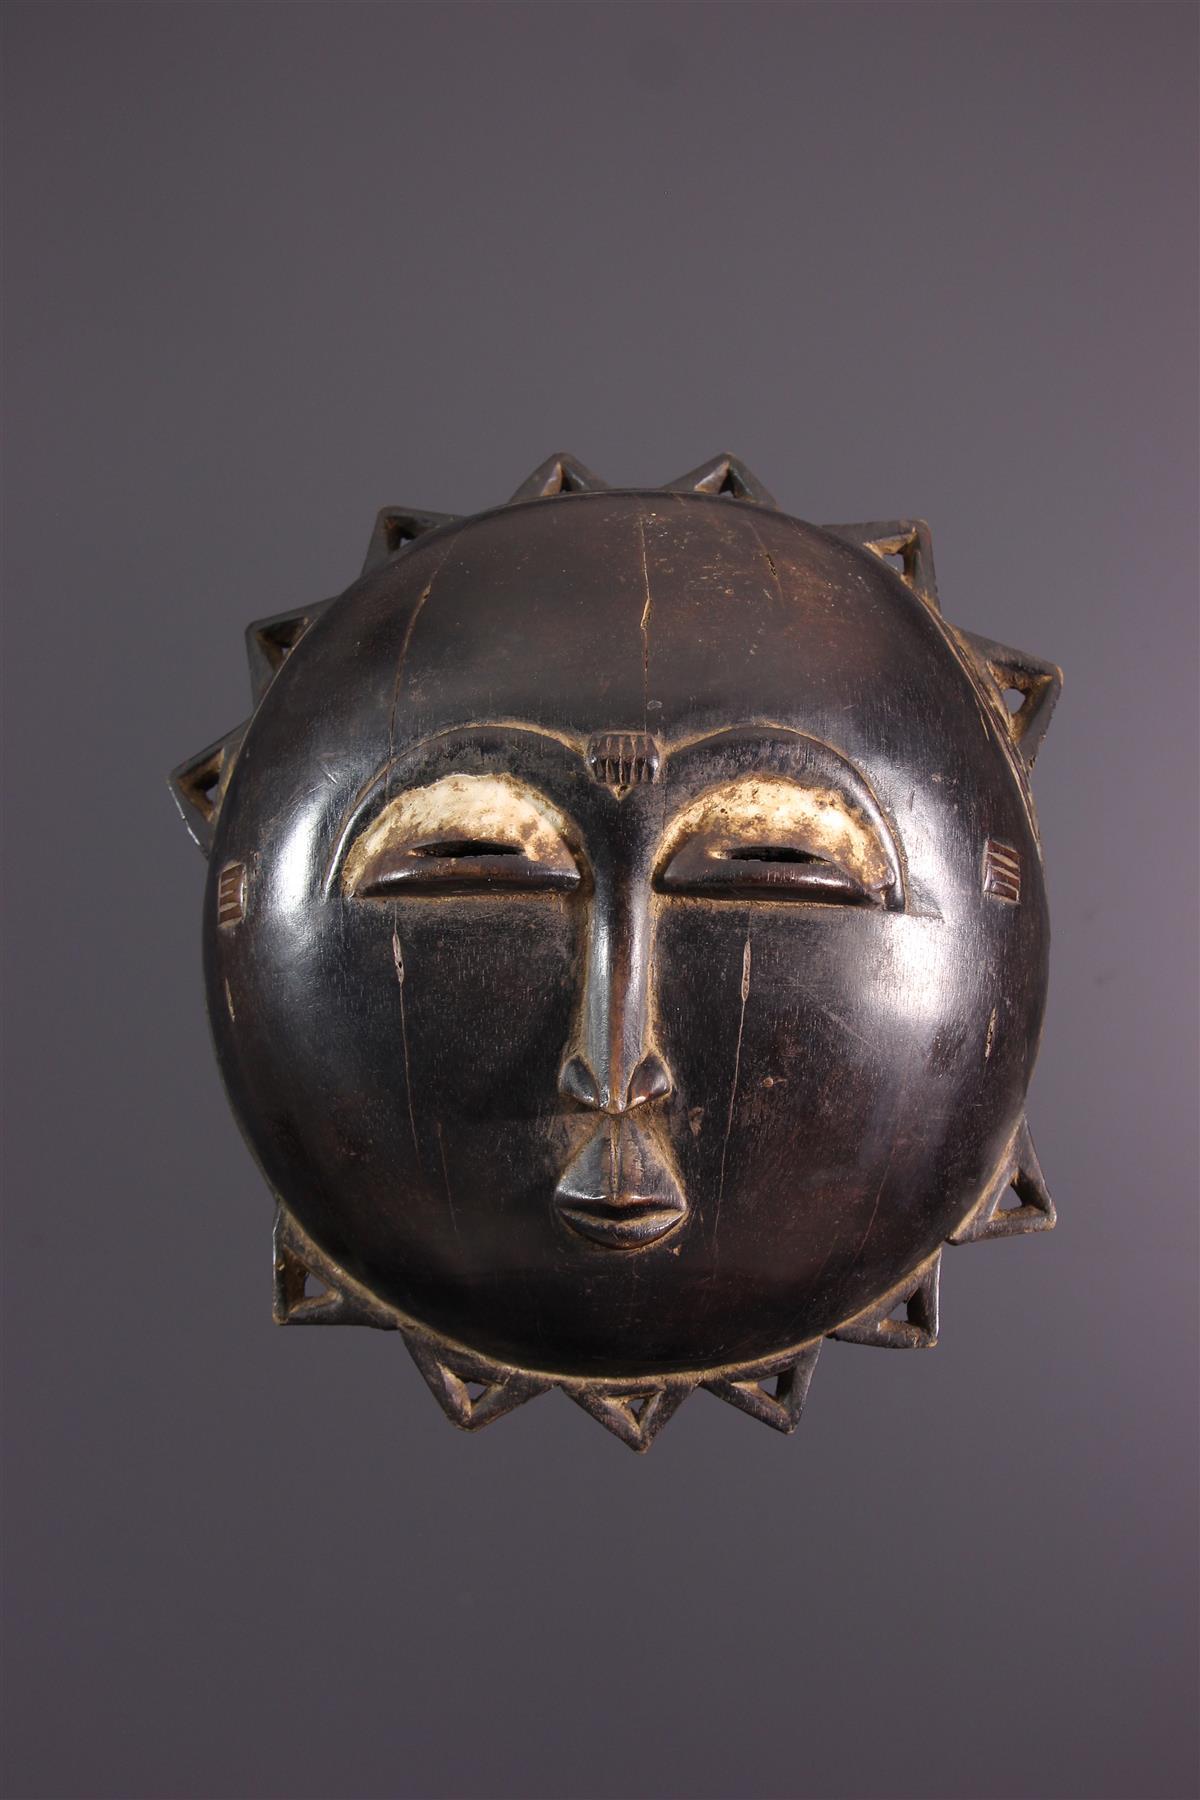 Moon mask - African art